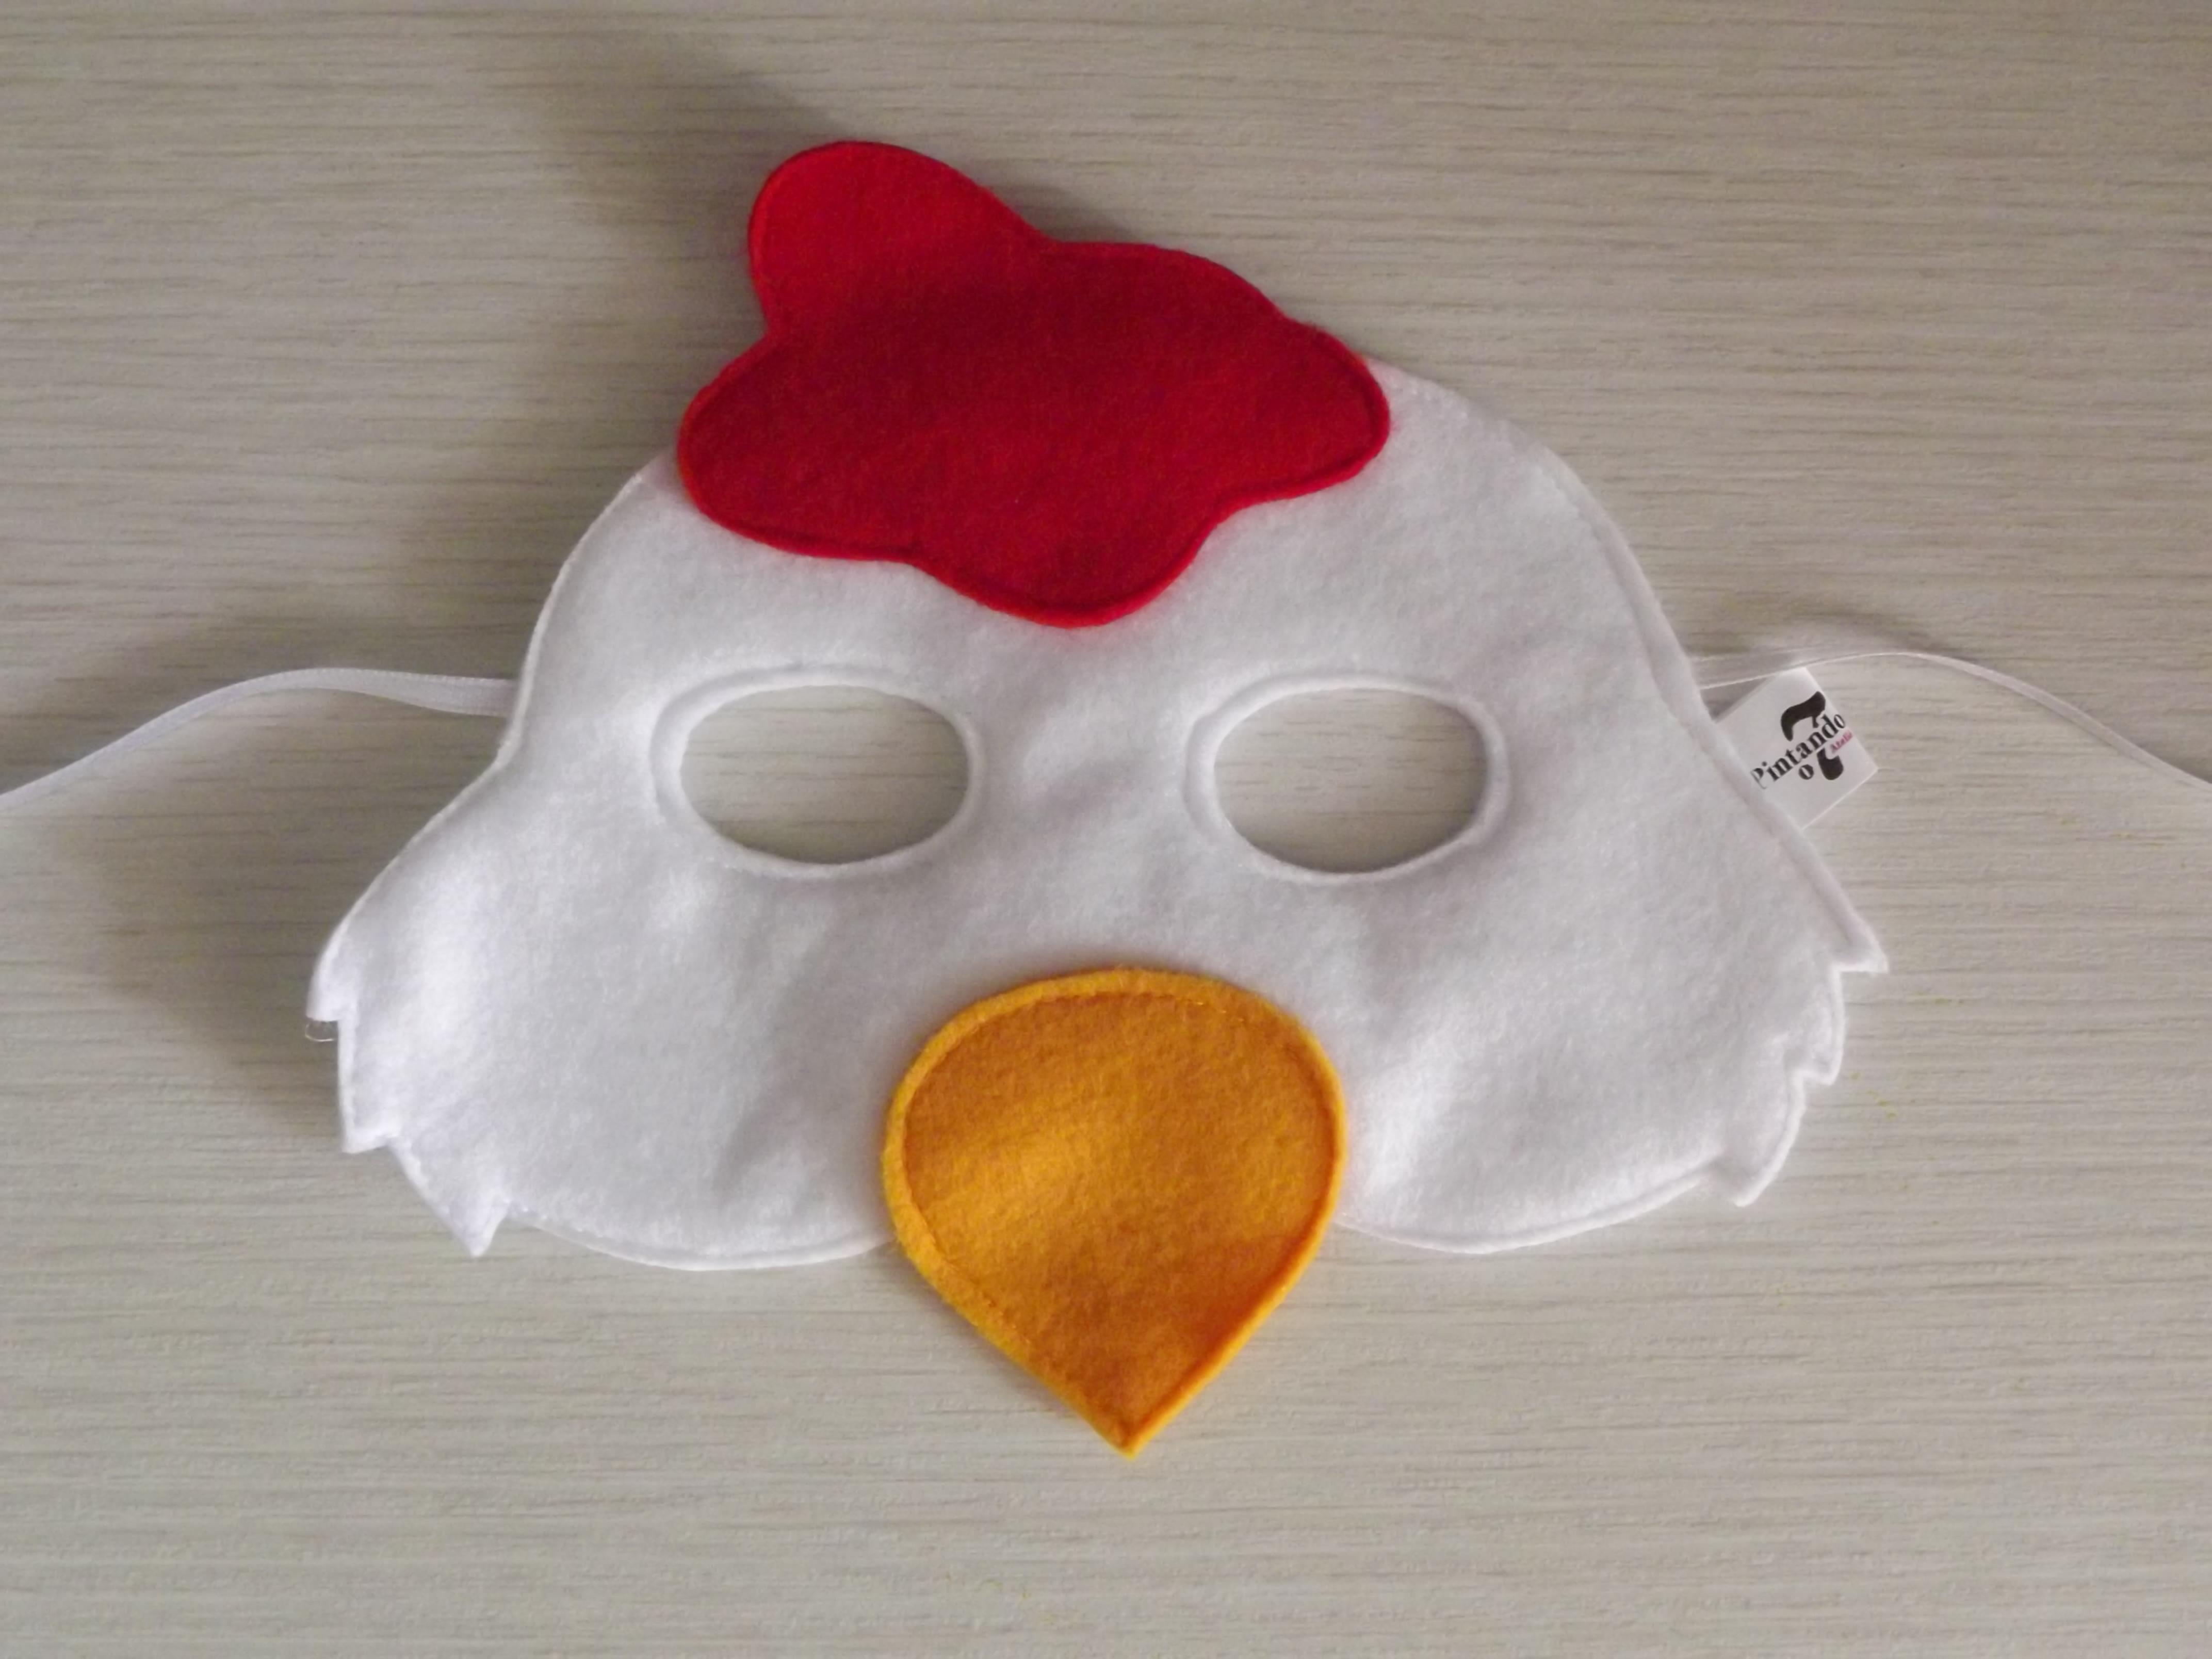 Máscaras Animais No Elo7 Pintandoo7 3cd4b5